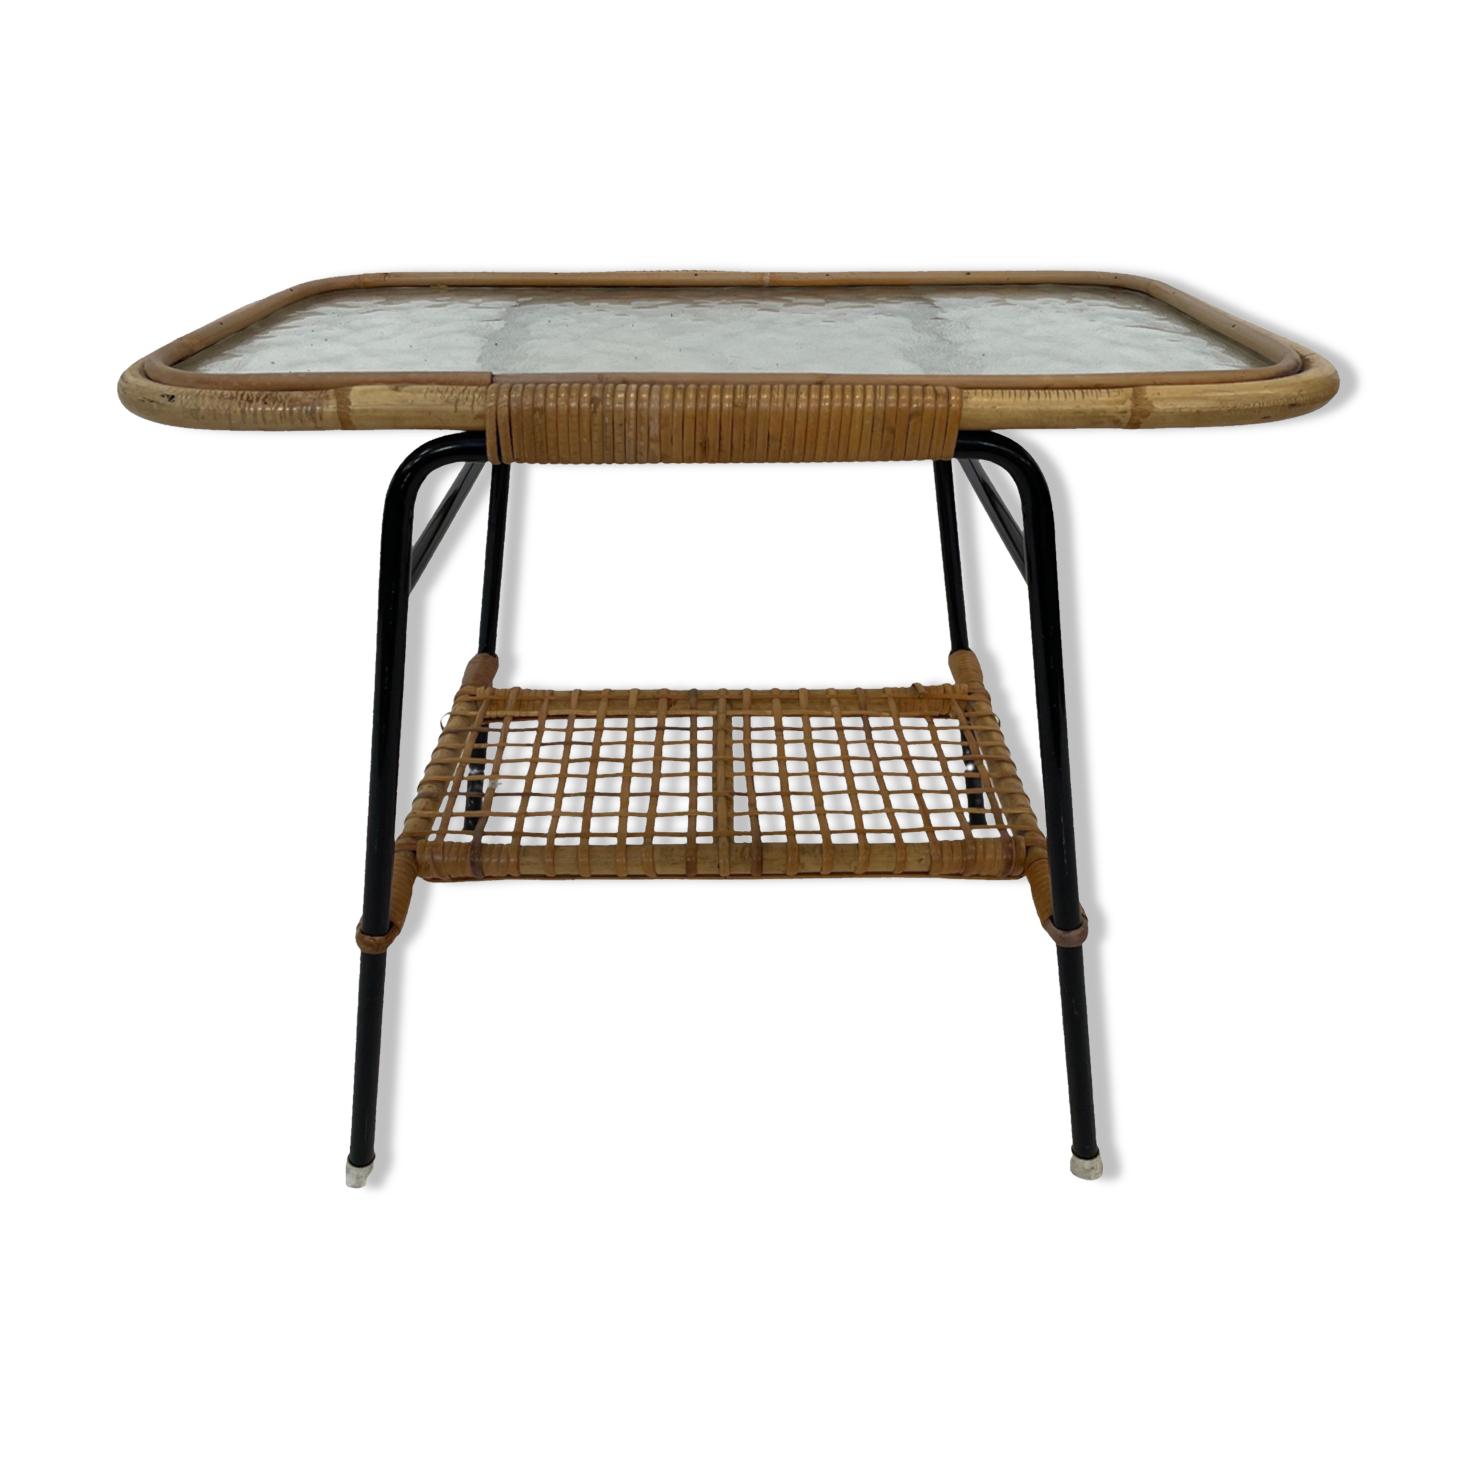 Table basse vintage par Rohe Noordwolde, 1960, Pays-Bas Dirk van Sliedregt